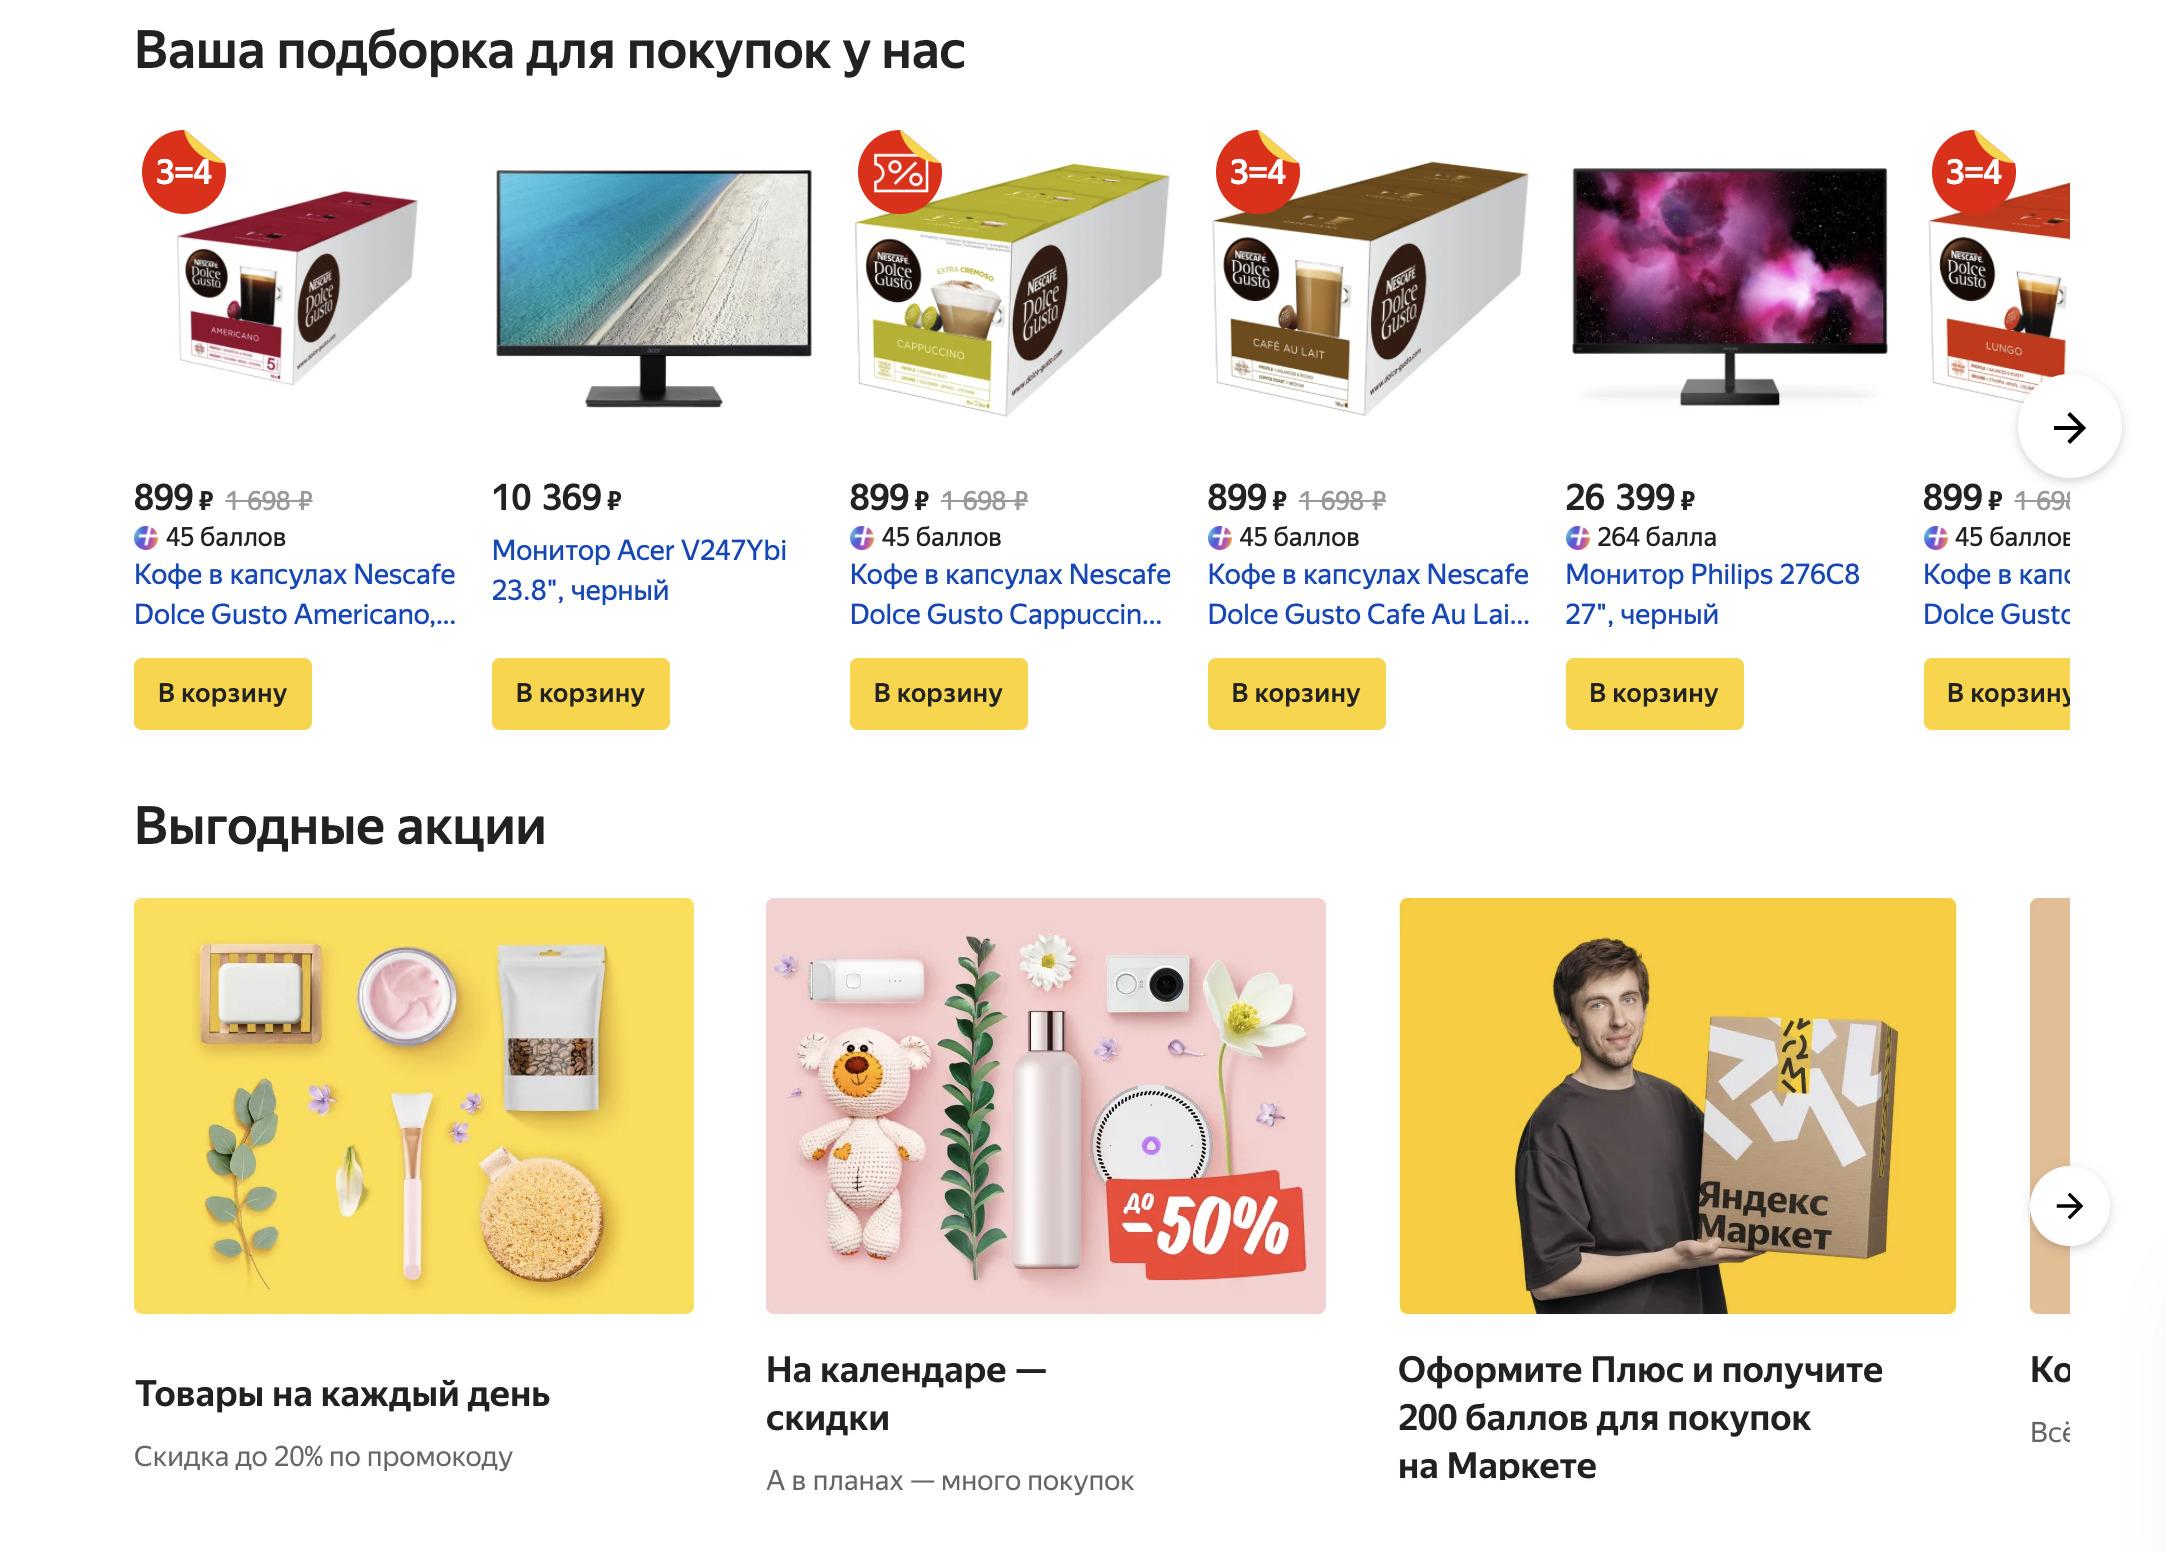 Доставка из Яндекс.Маркет в Воронежскую область, сроки, пункты выдачи, каталог